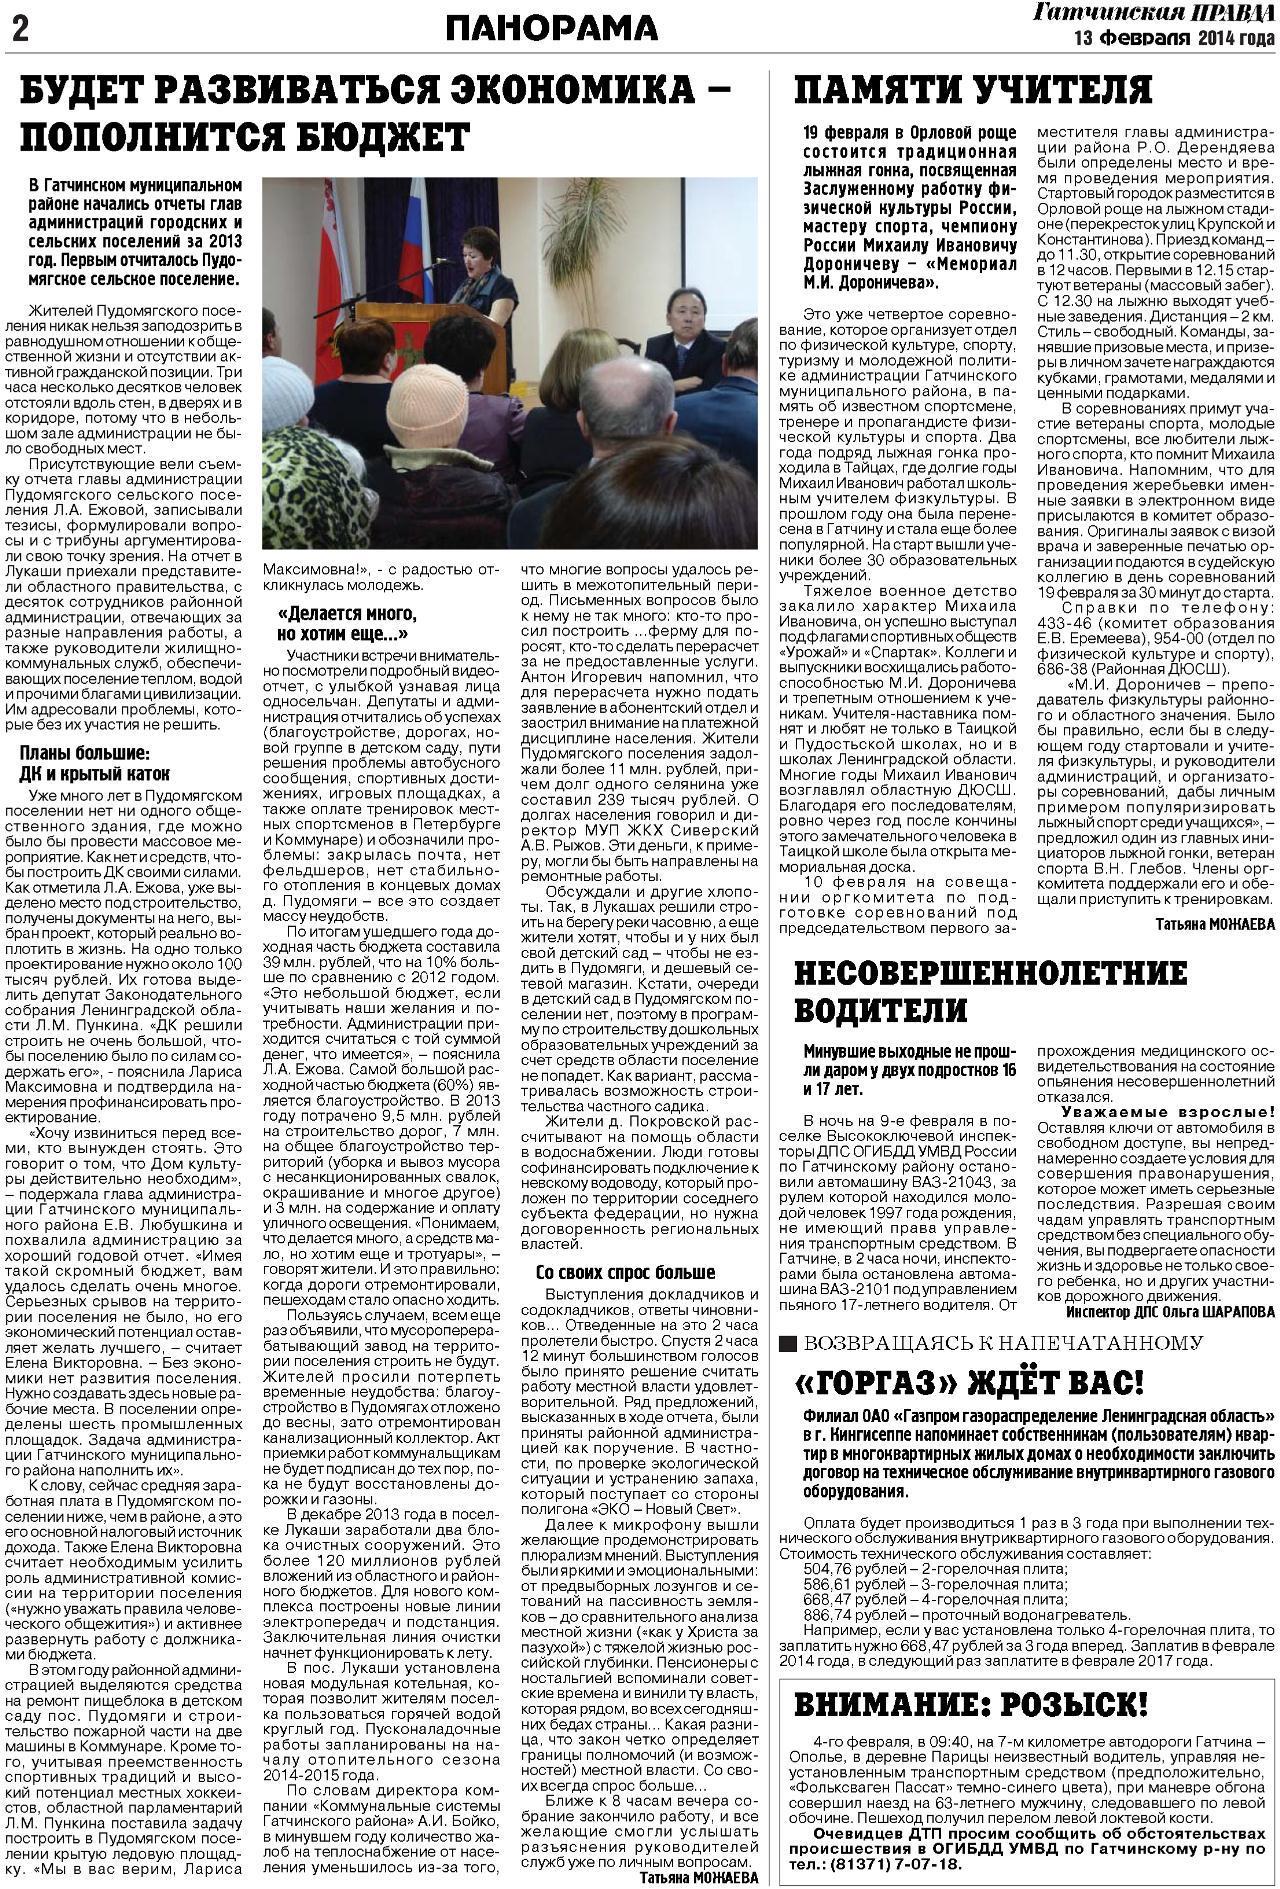 Гатчинская правда №16 от 13 февраля 2014 года